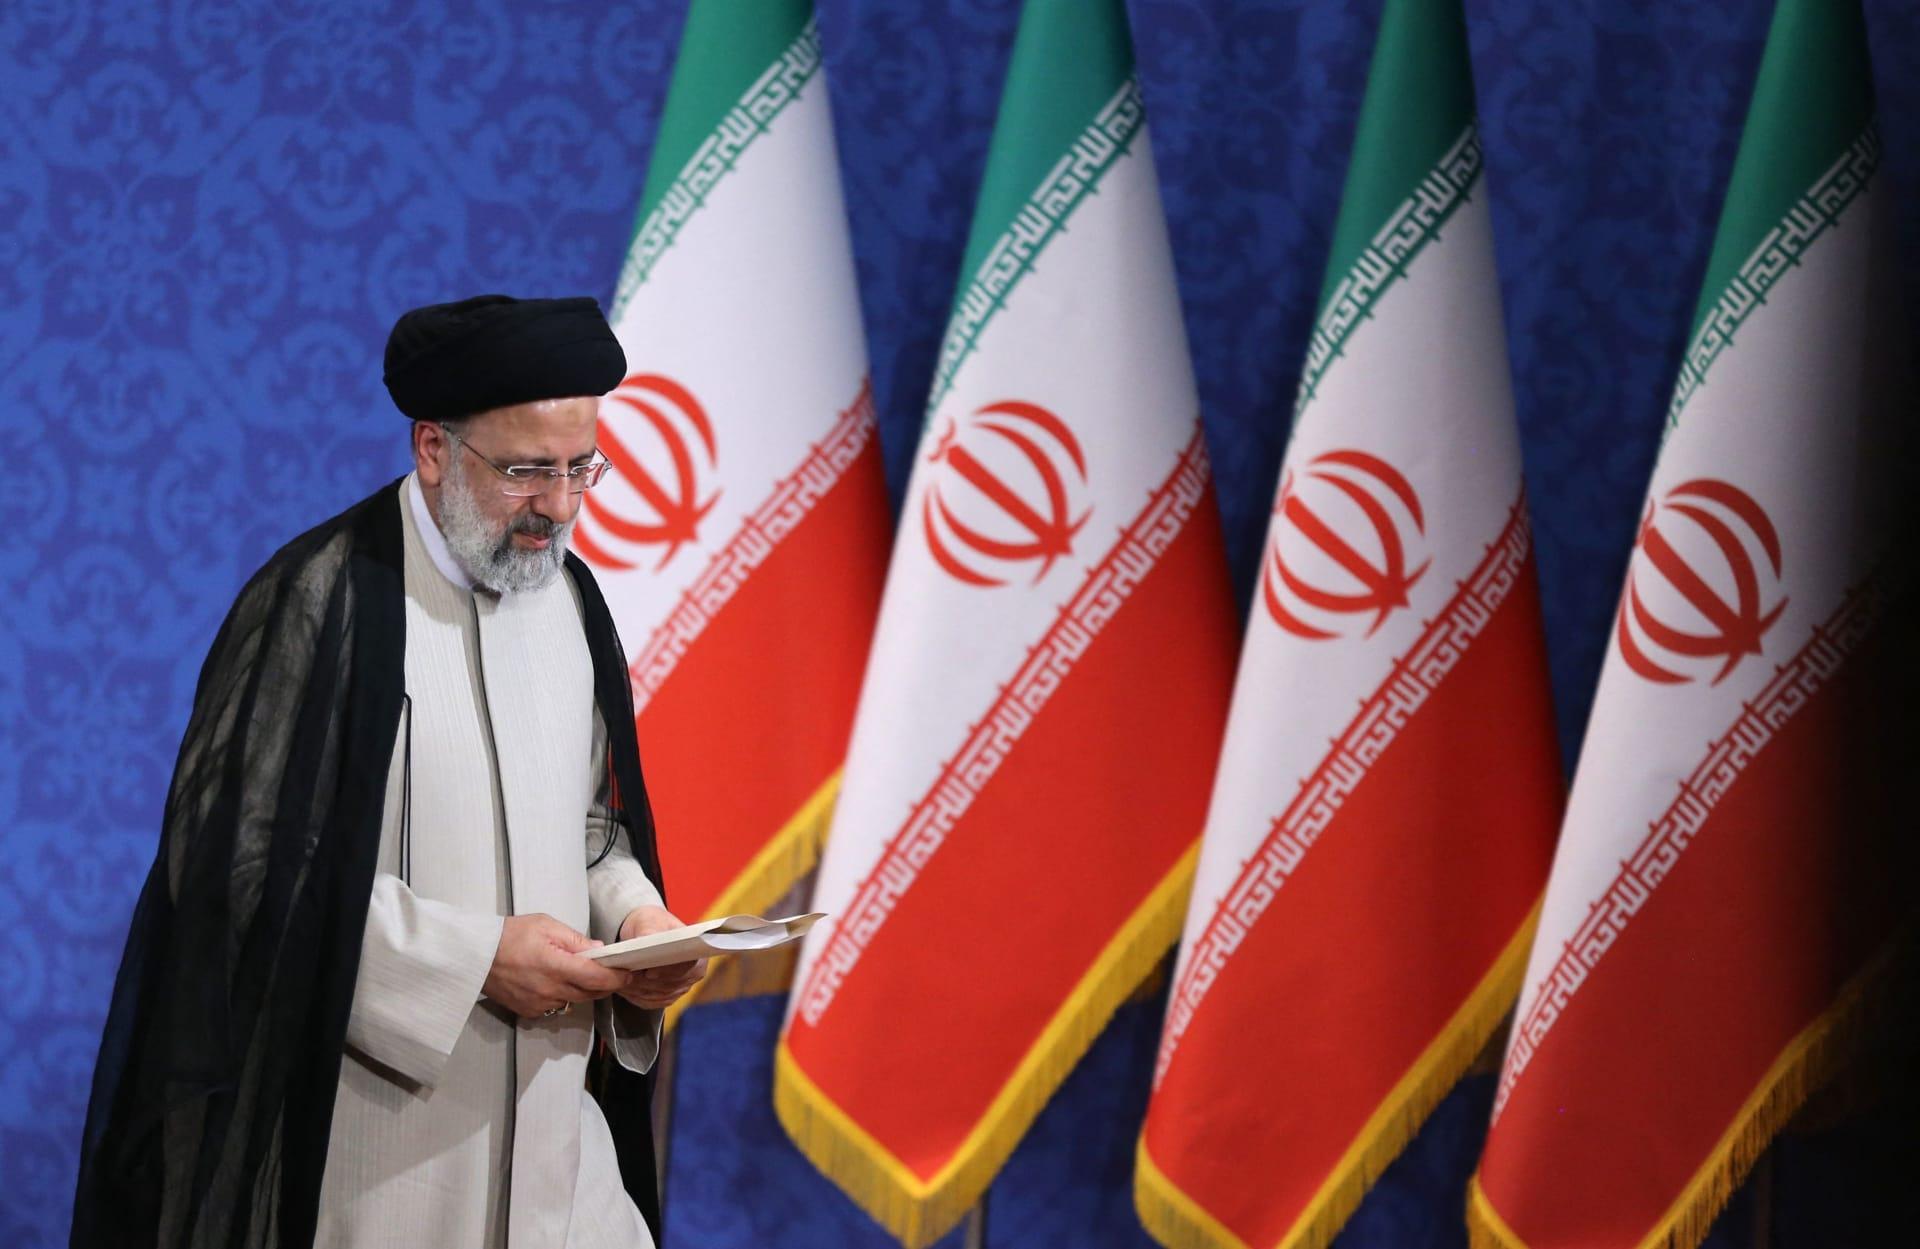 رئيس إيران يوجه رسالة شكر لخليفة بن زايد ويأمل بتنمية علاقات البلدين